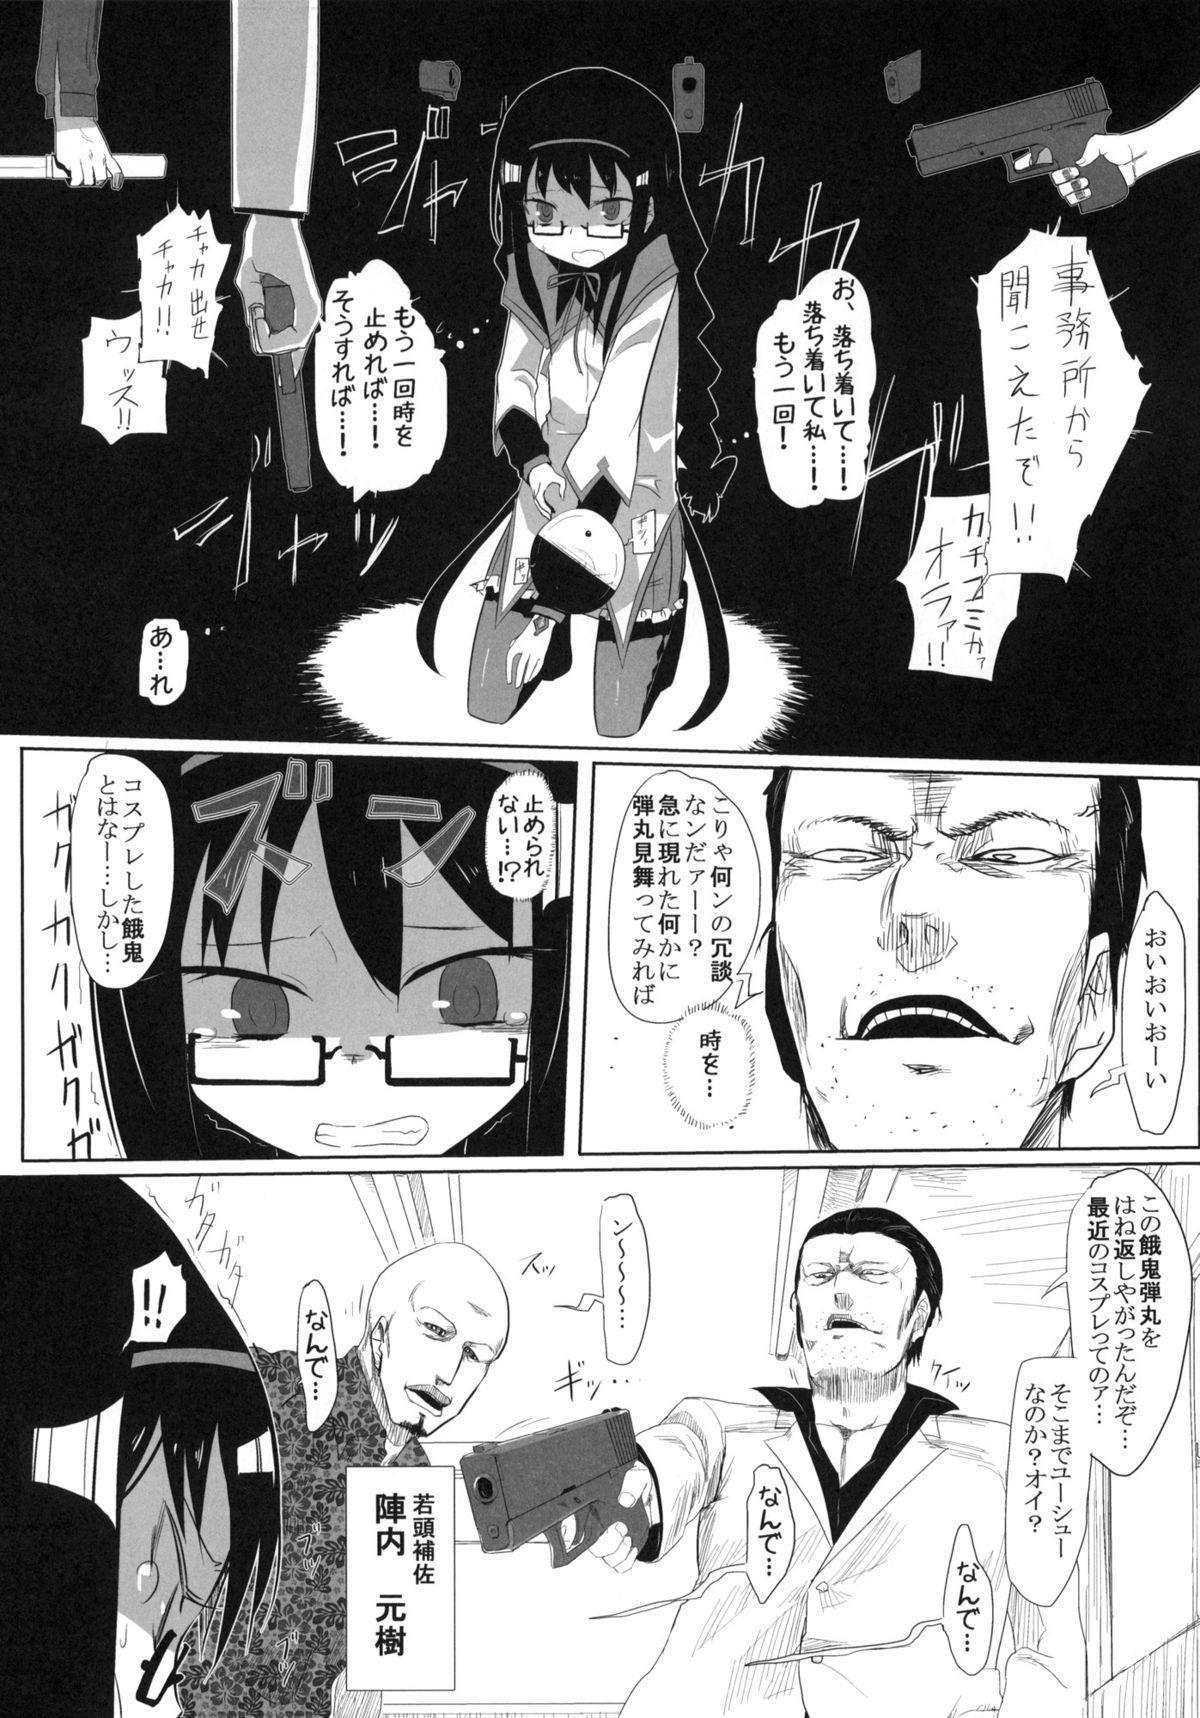 Mahou Shoujo VS Soshiki Bouryoku 2